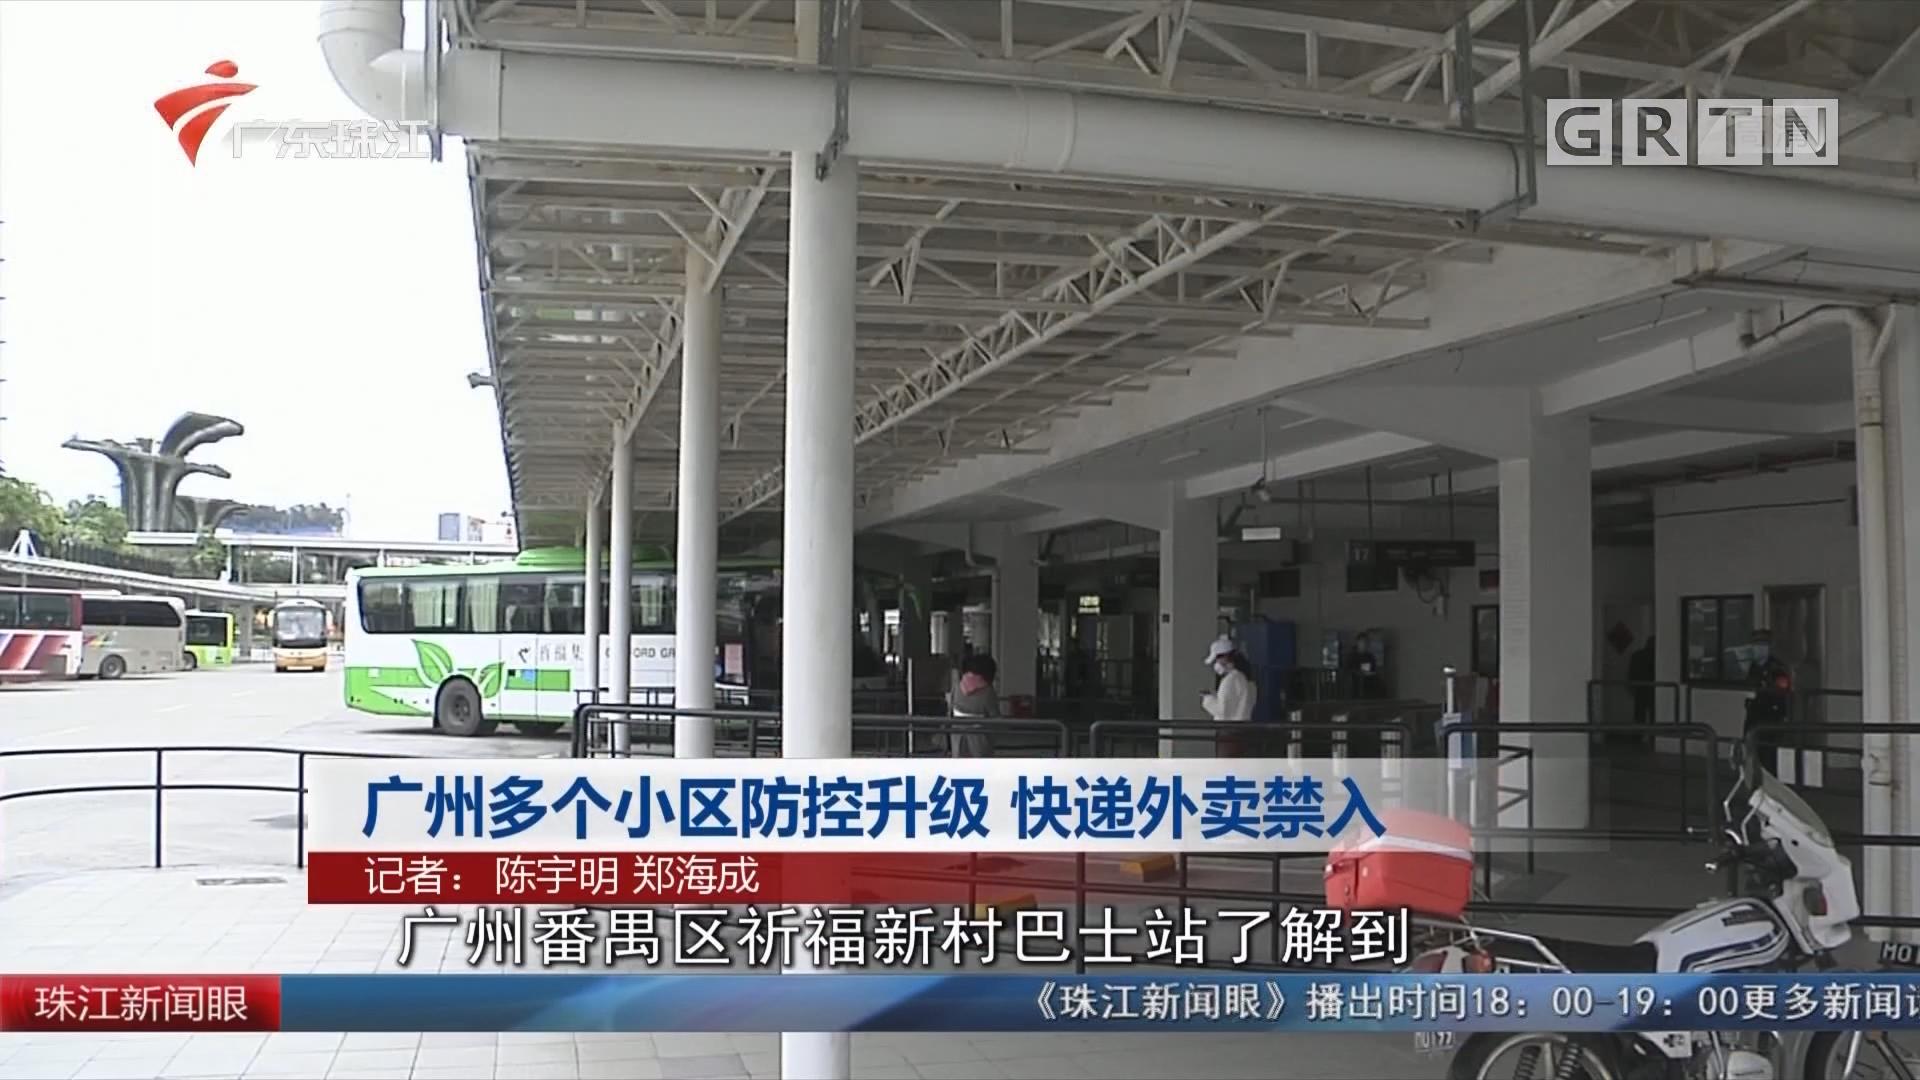 广州多个小区防控升级 快递外卖禁入